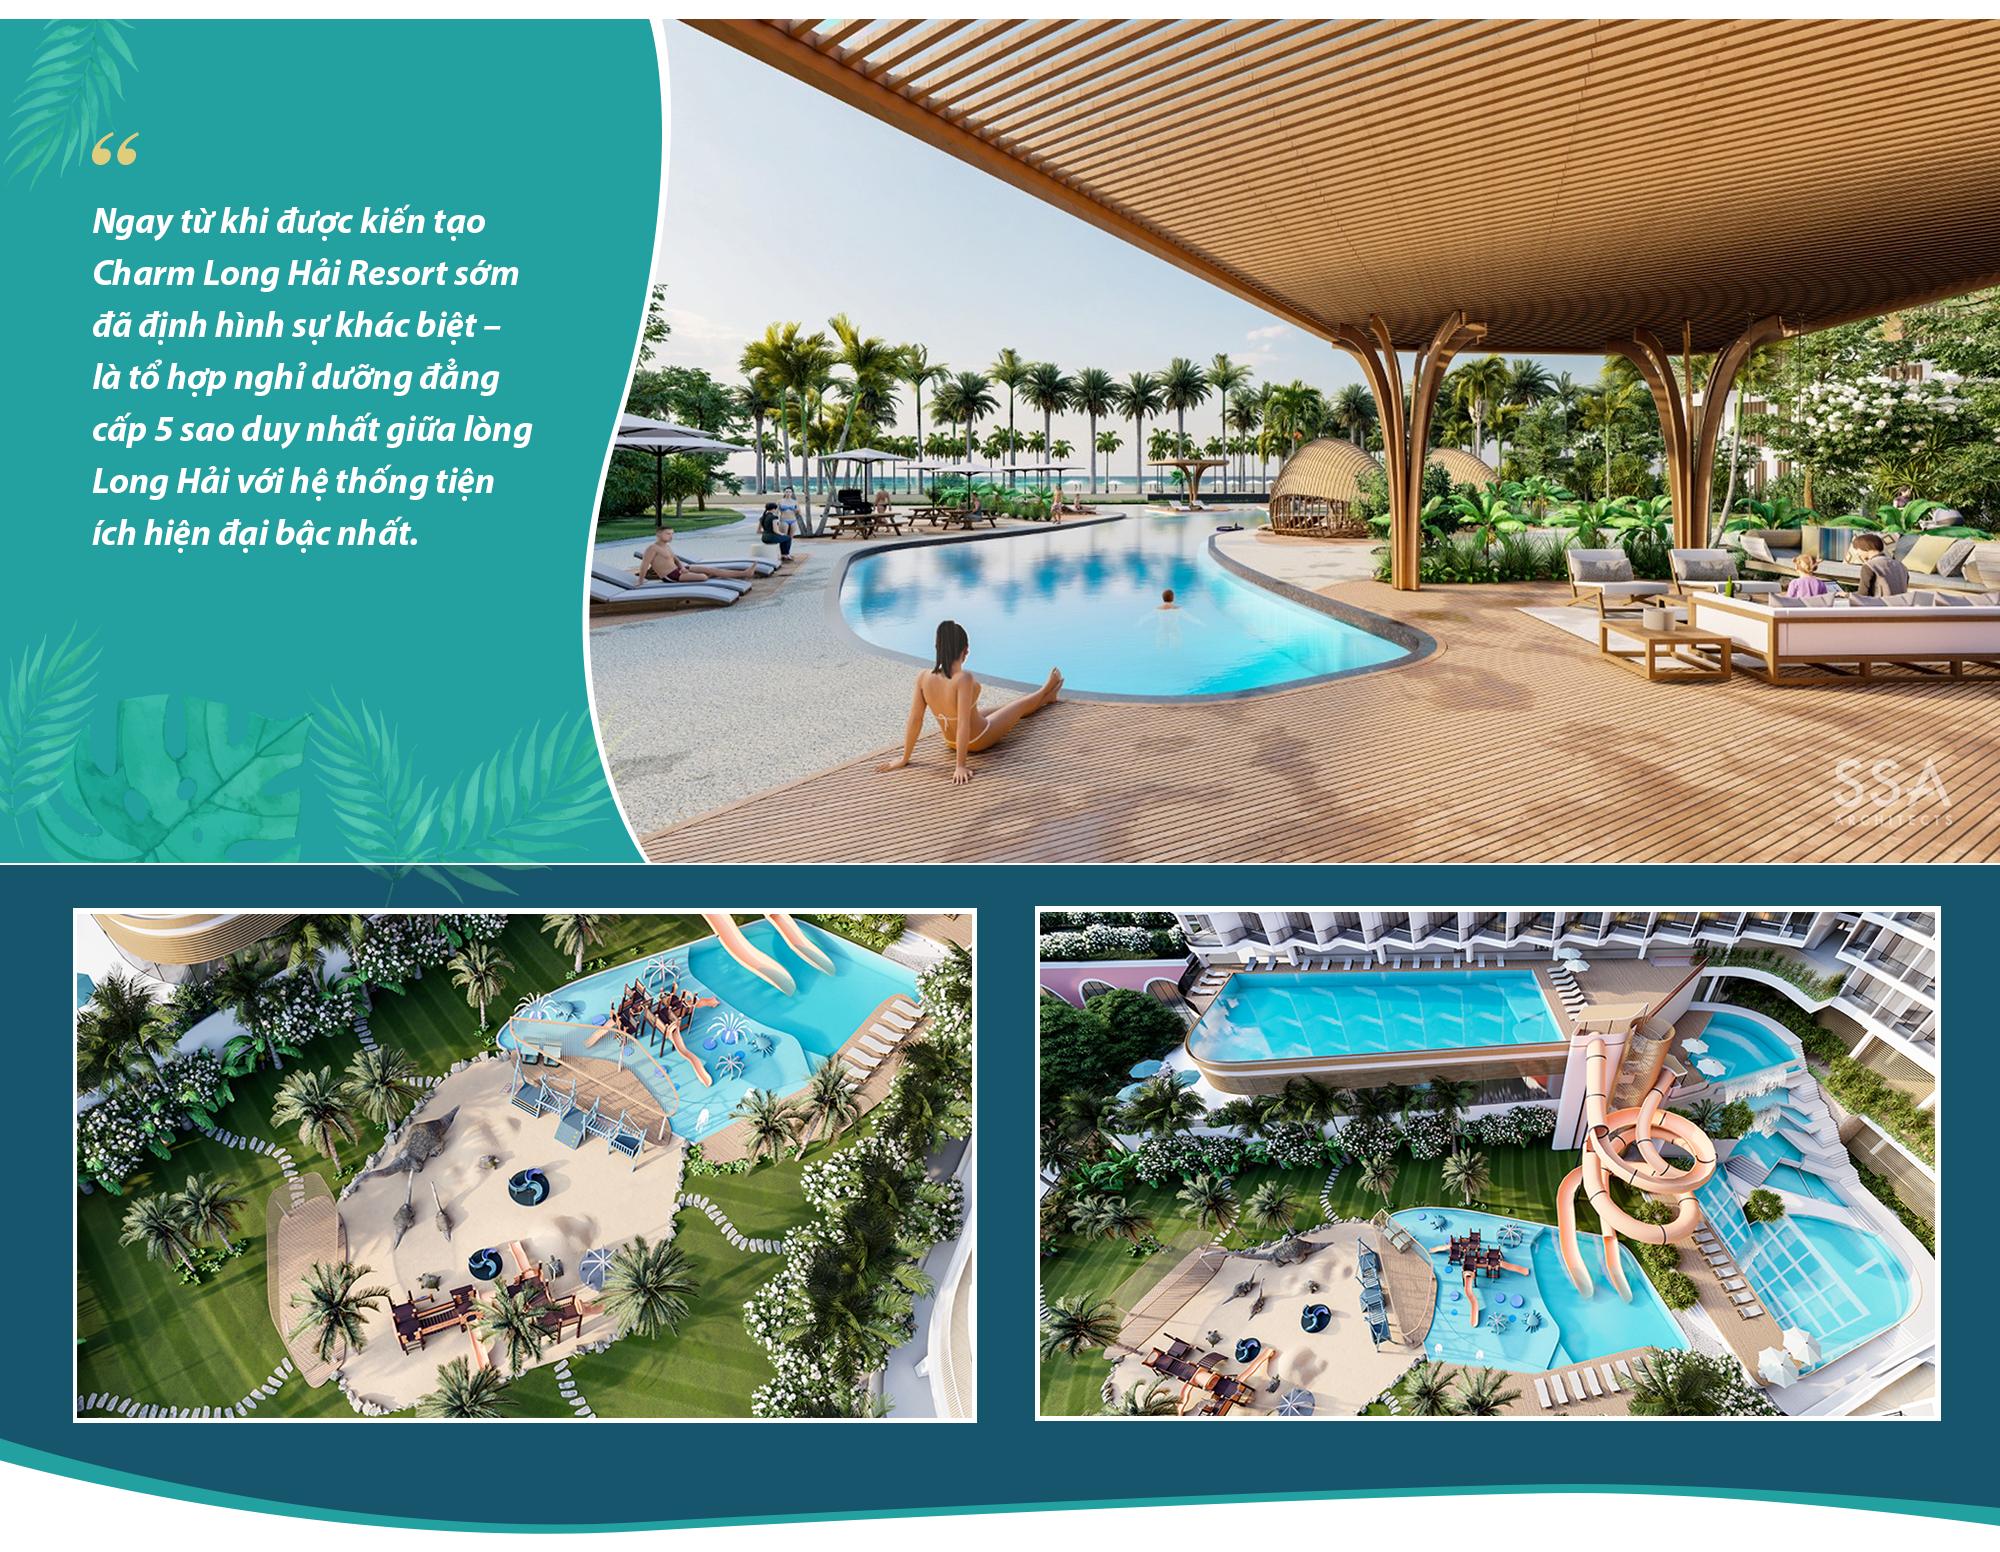 Charm Long Hải Resort – Khởi động hành trình kiến tạo những biểu tượng của Charm Group - Ảnh 6.